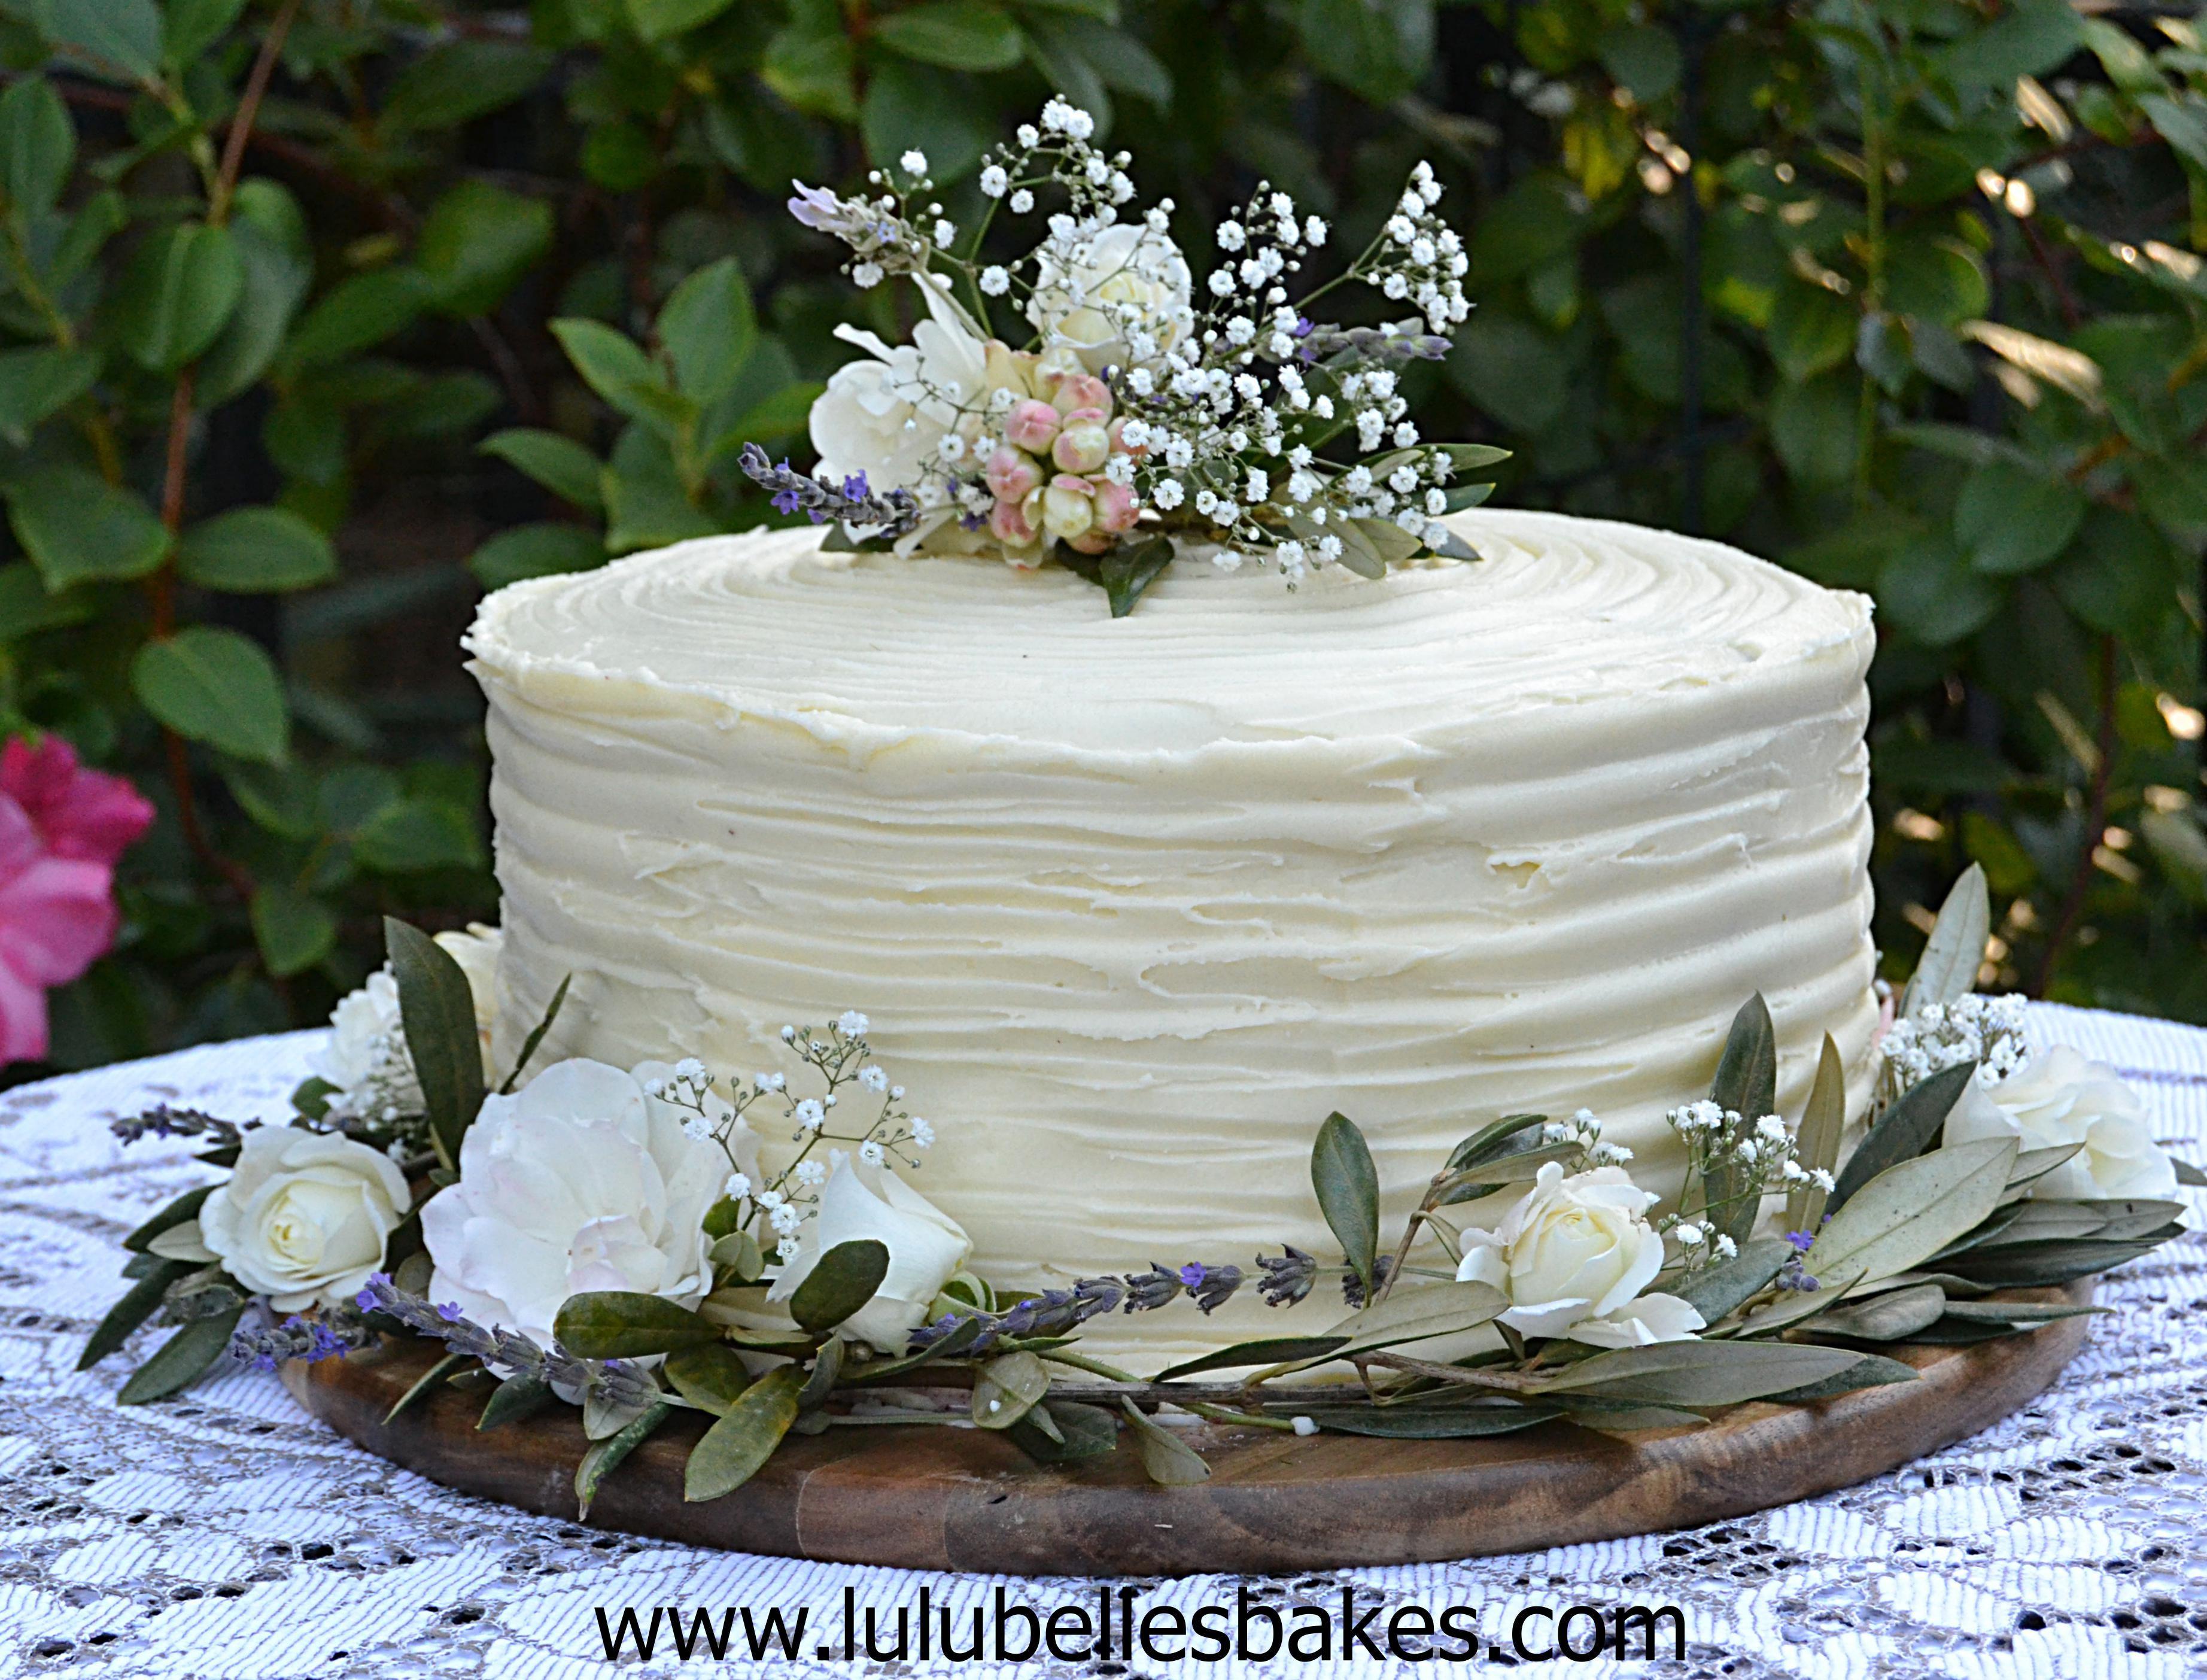 3 Layered Wedding Cakes  Wedding cakes engagement party Pinterest